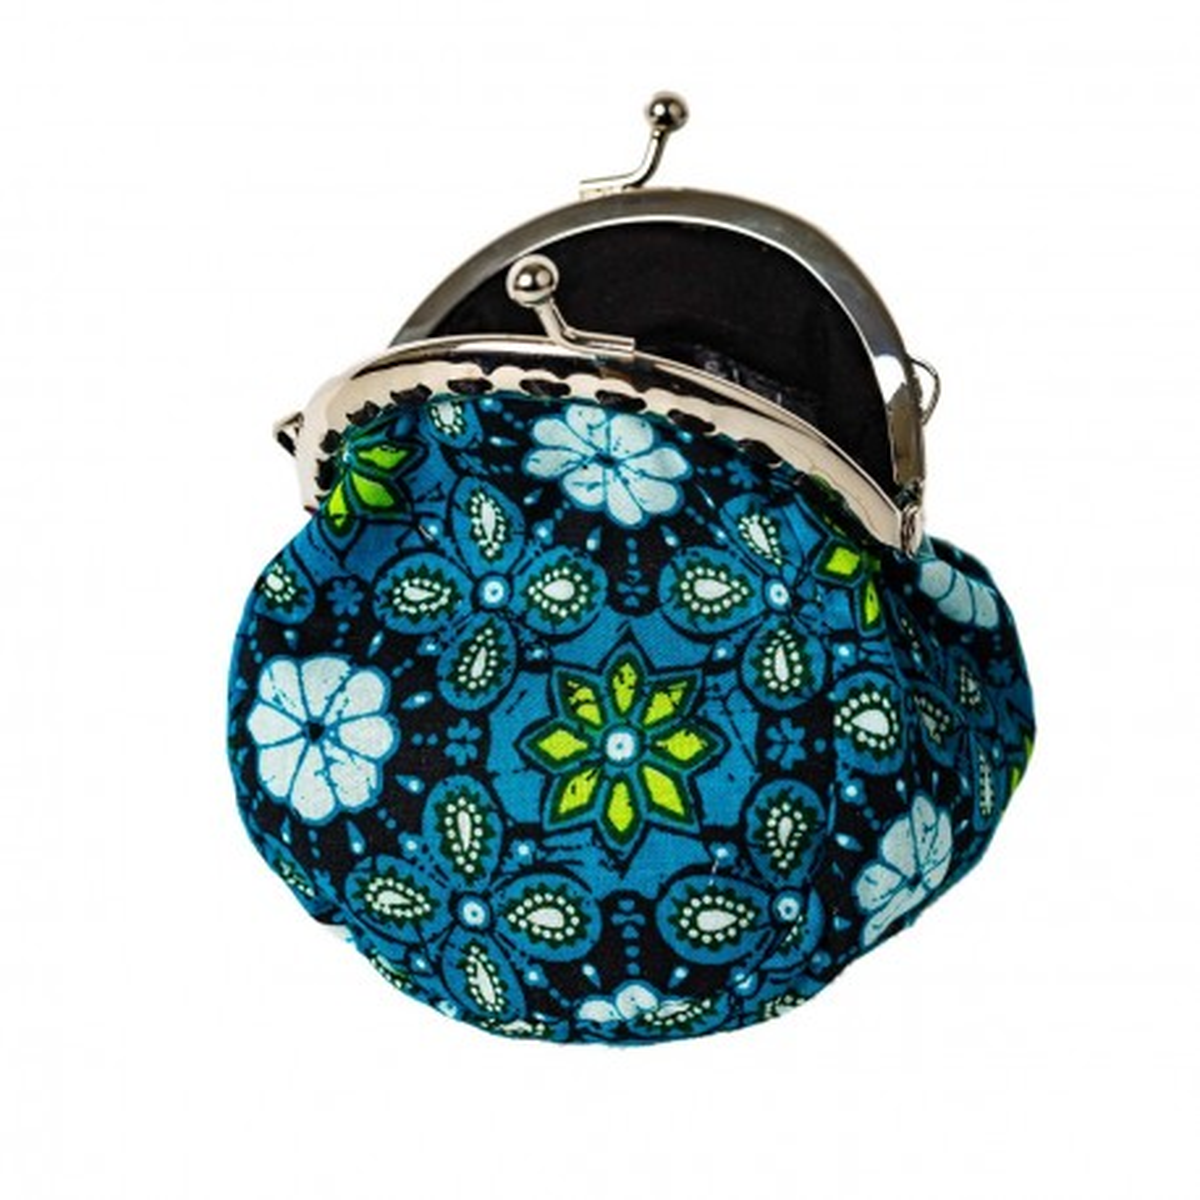 Porte-monnaie clip rétro tissu fantaisie bleu